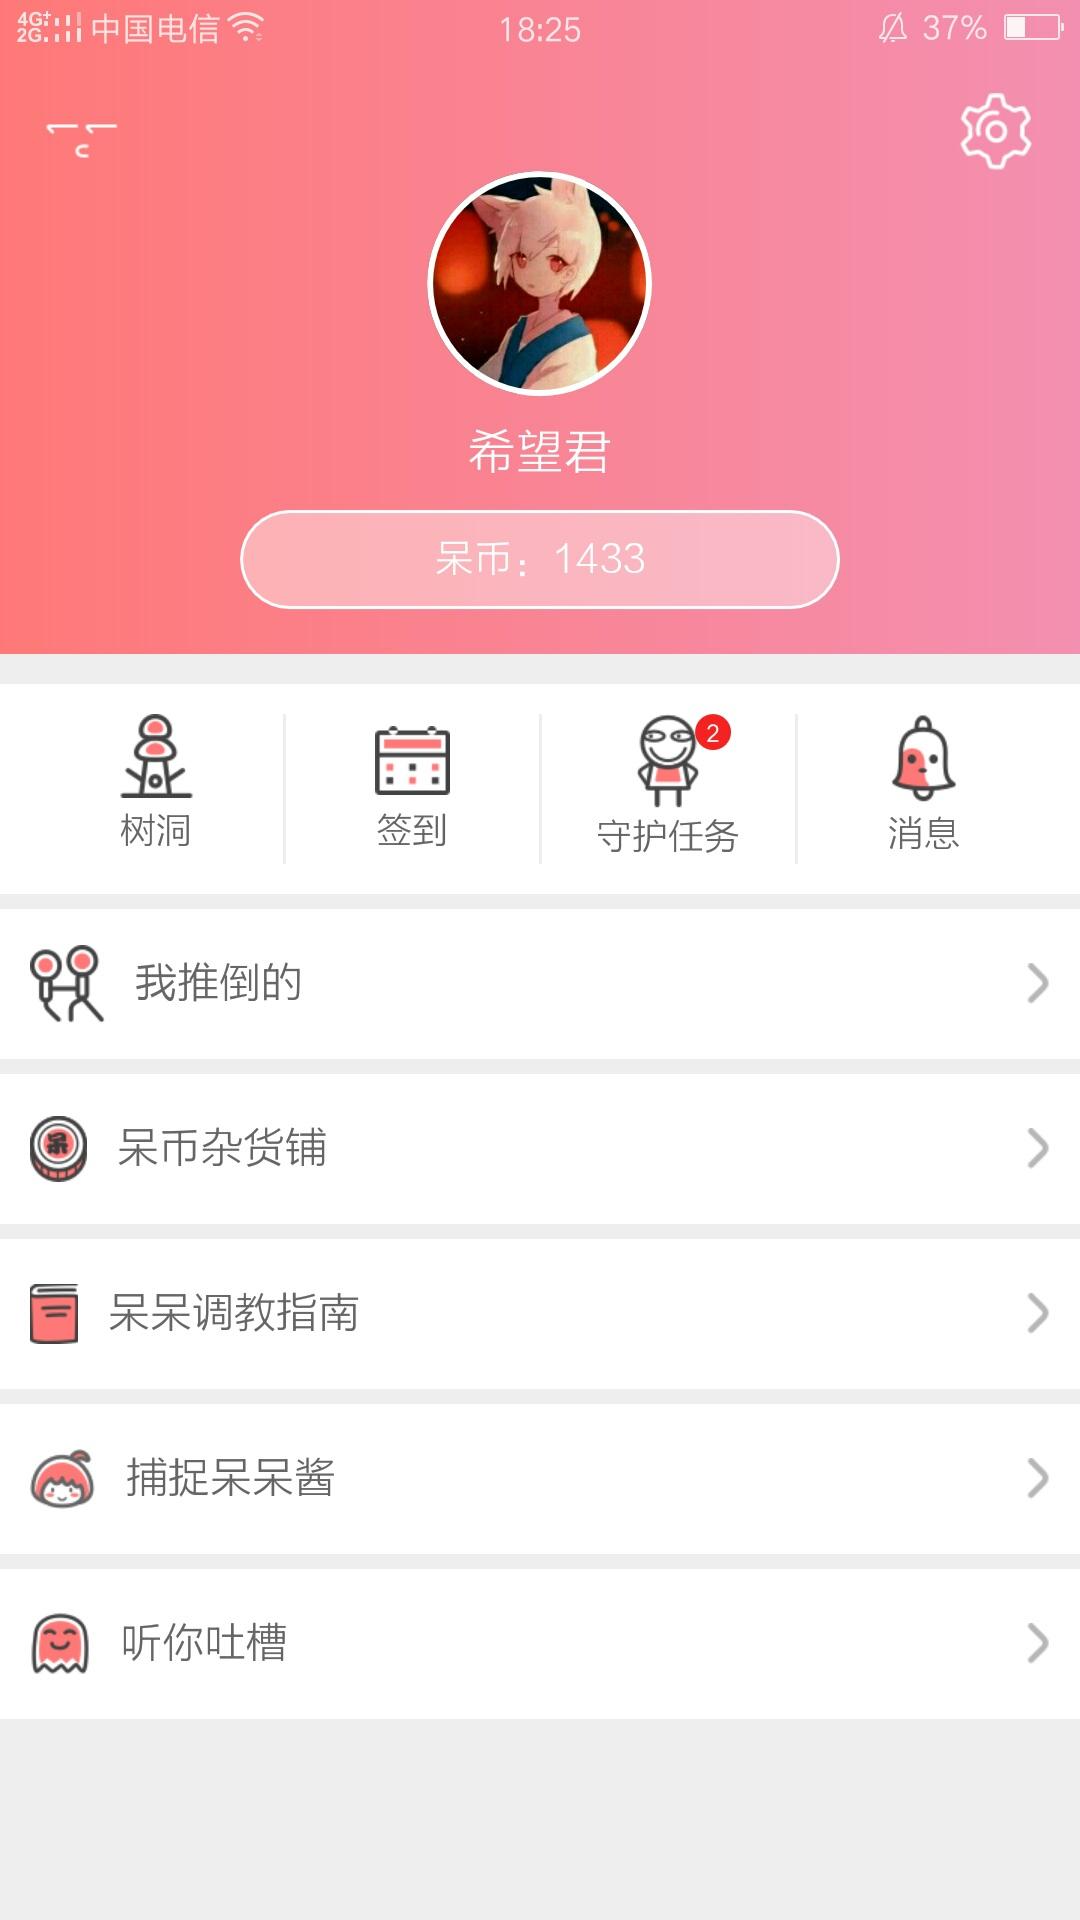 「分享」呆呆酱v2.4.5 二次元恋爱女友聊天机器人